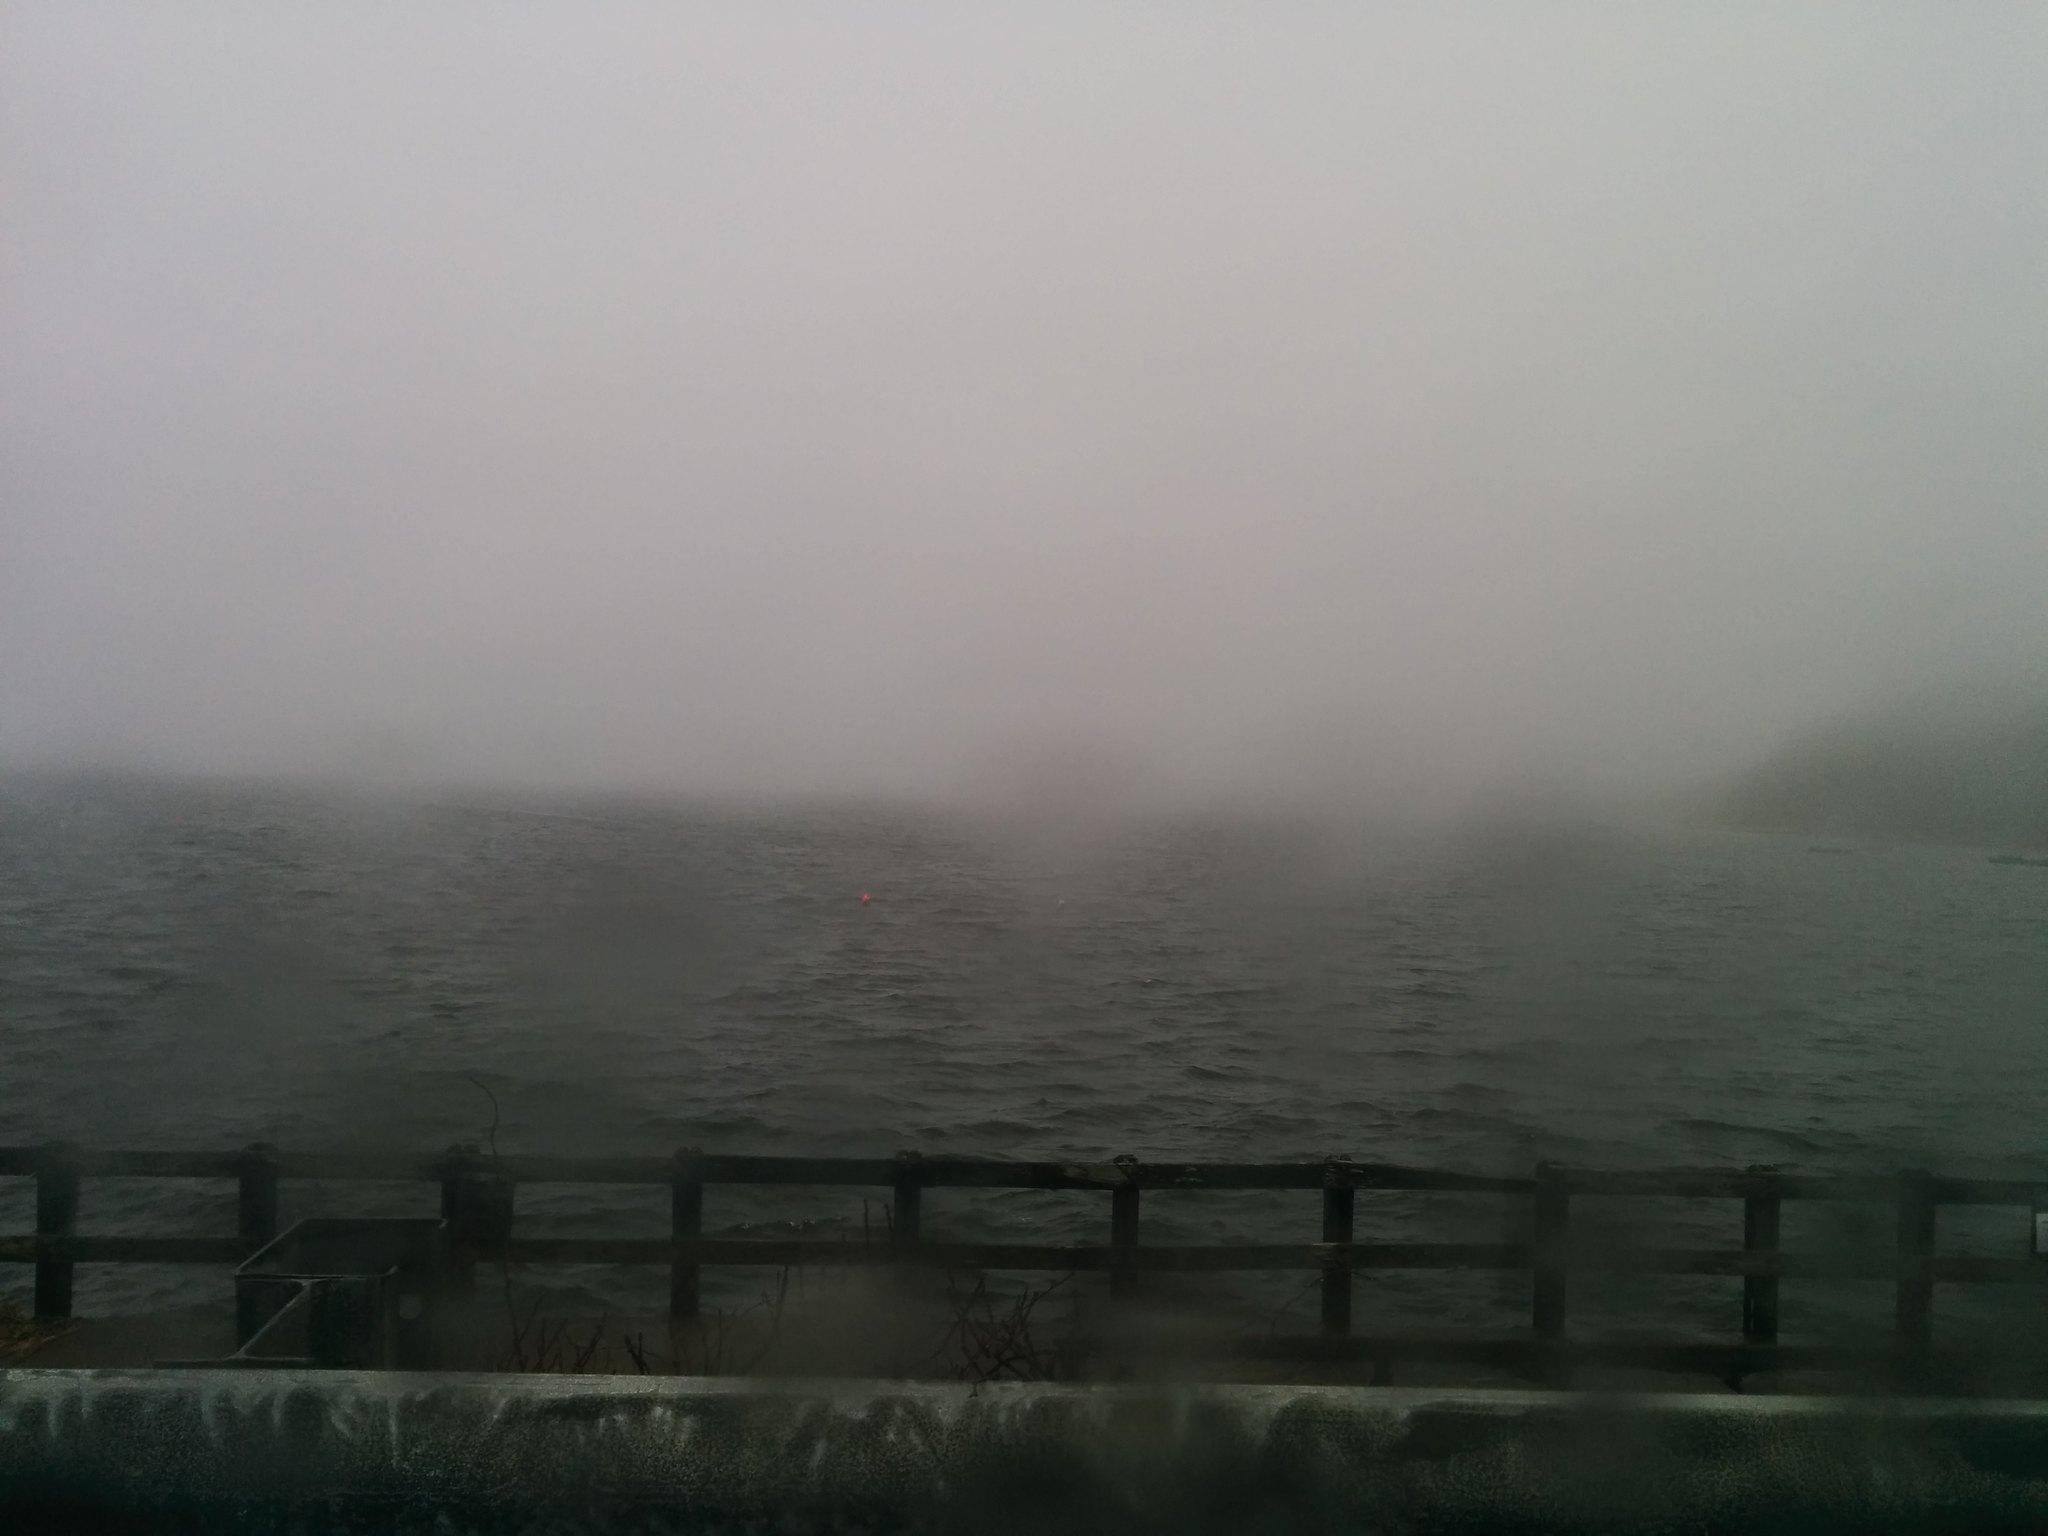 TG Dwnstm rain